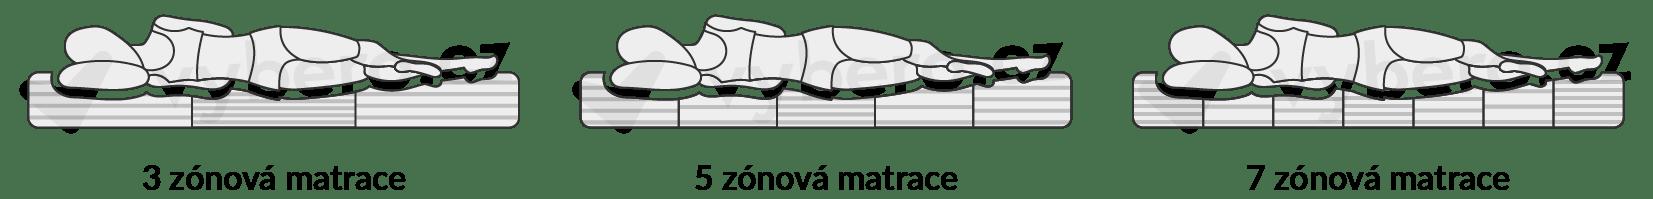 Vyobrazení různých zón matrace